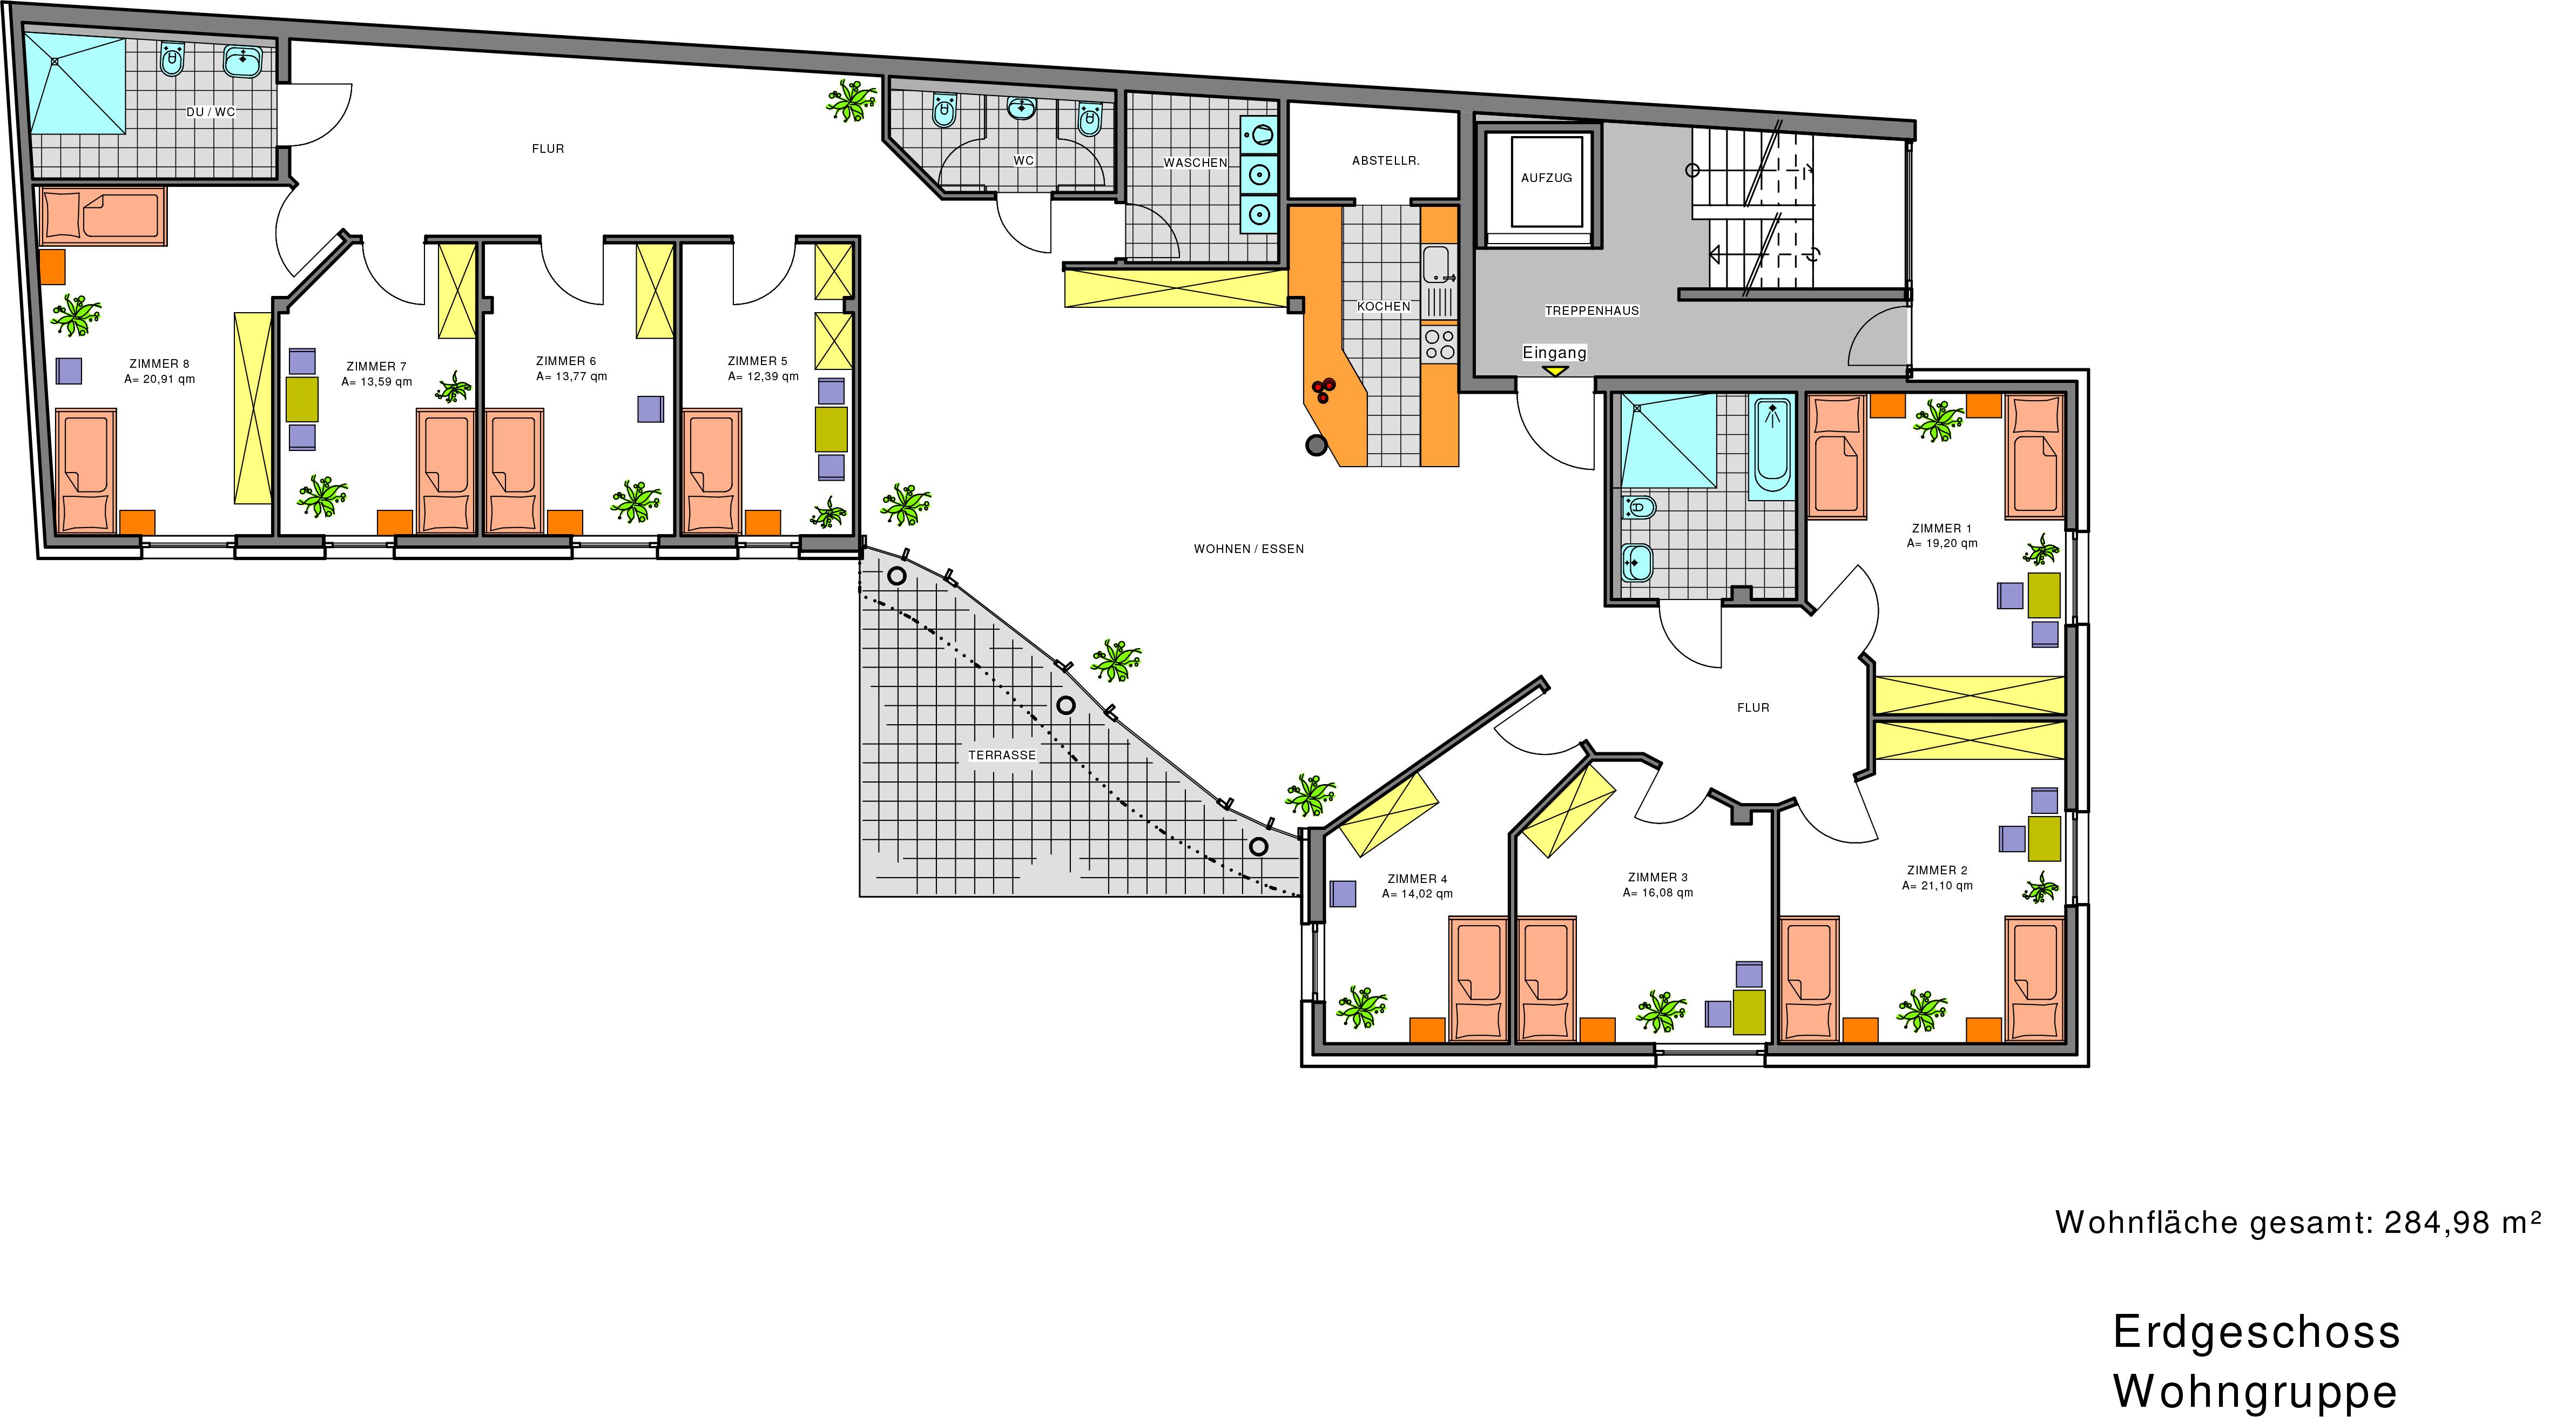 Architektur der Pflege: Grundriss Pflegewohngruppe Adlergarten